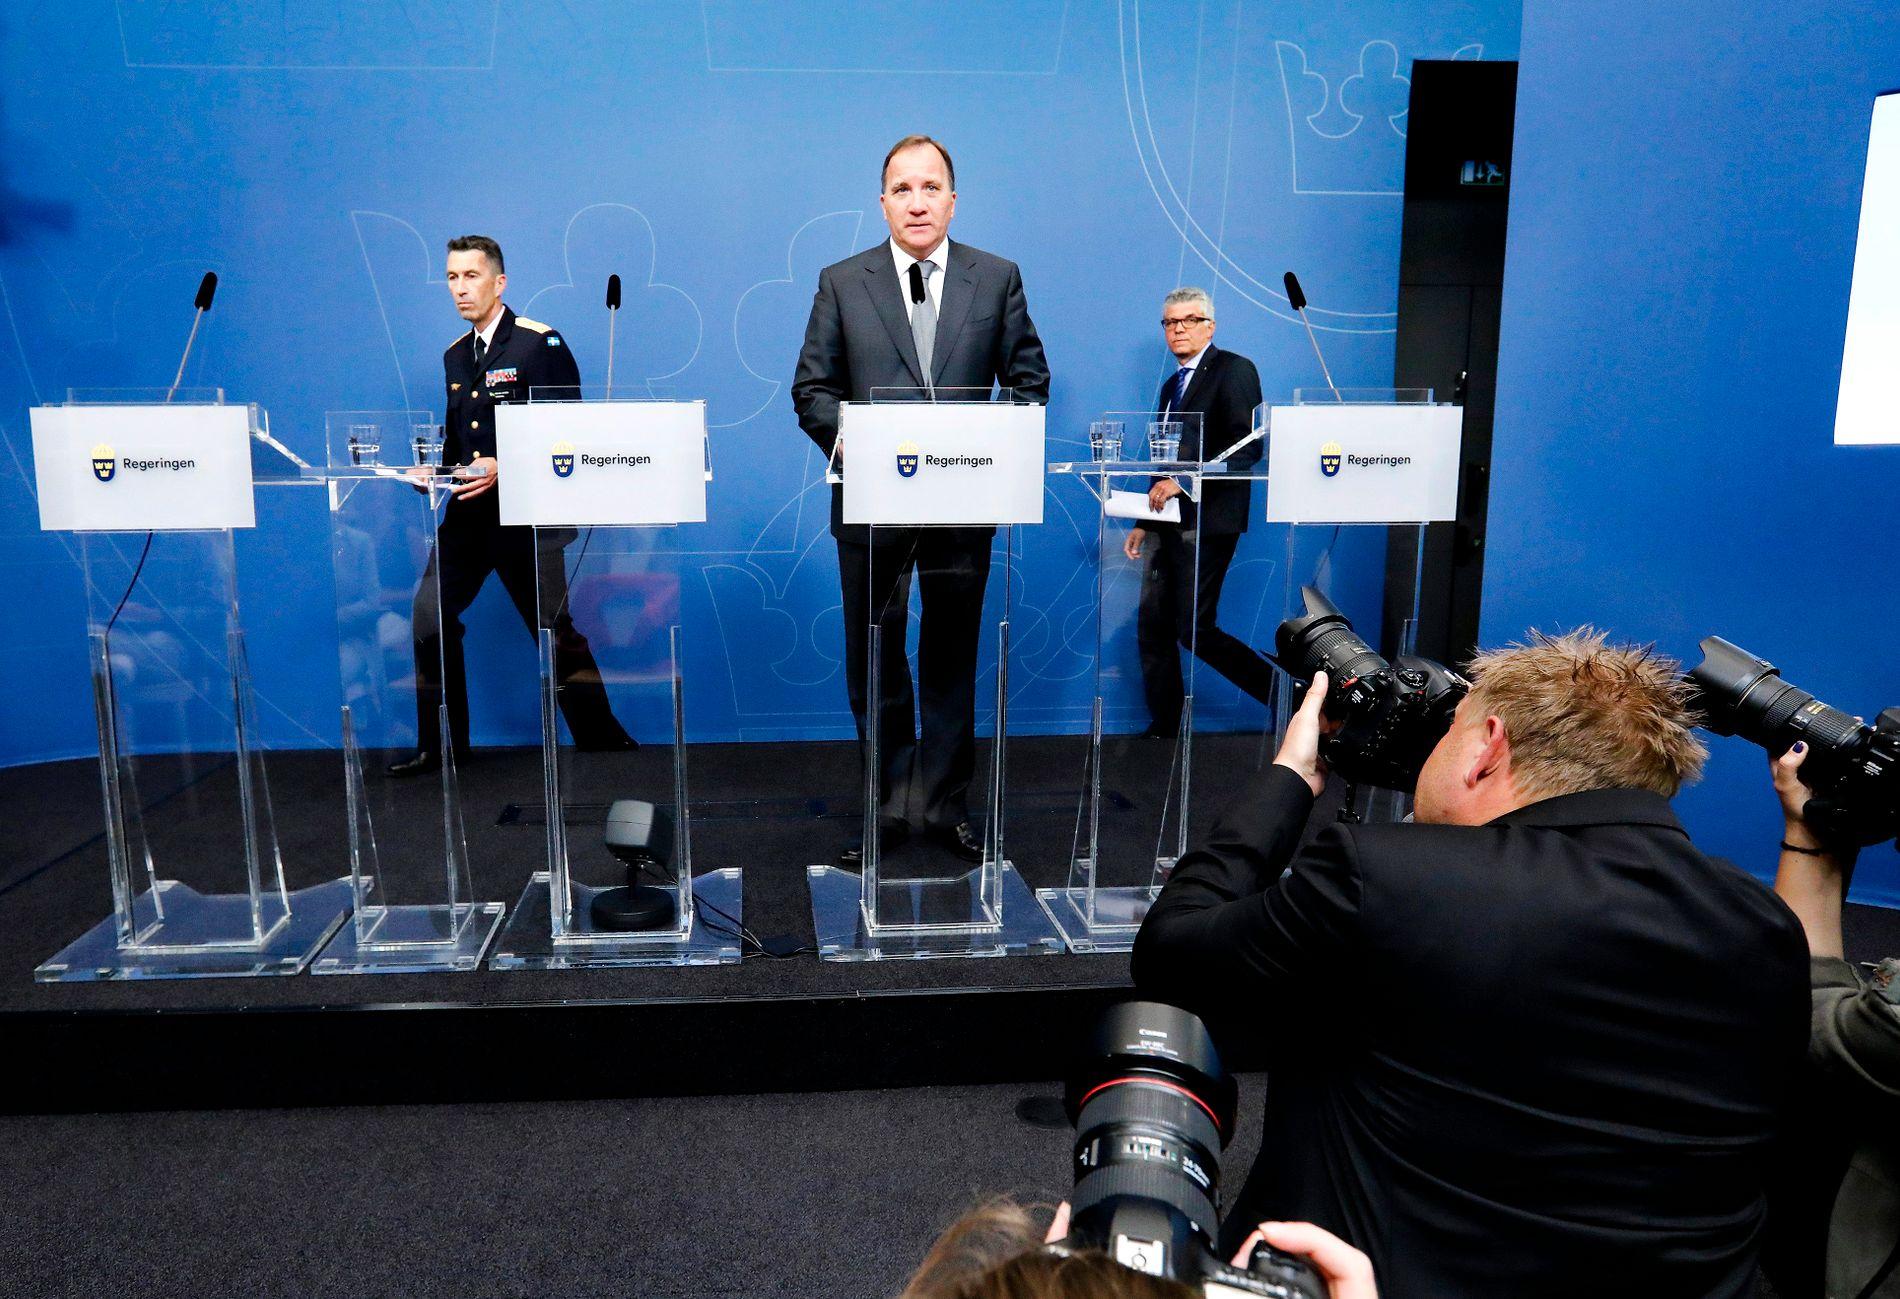 IT-SKANDALE: En IT-skandale kan felle den svenske regjeringen. Sveriges statsminister Stefan Löfven (i midten), SÄPO-sjef Anders Thornberg (t.v.), og Jonas Bjelfvenstam, generaldirektør i Transportstyrelsen (t.h.) har de siste dagene måtte svare for seg etter at det ble kjent at sensitiv informasjon kan ha kommet på avveie til utlandet.